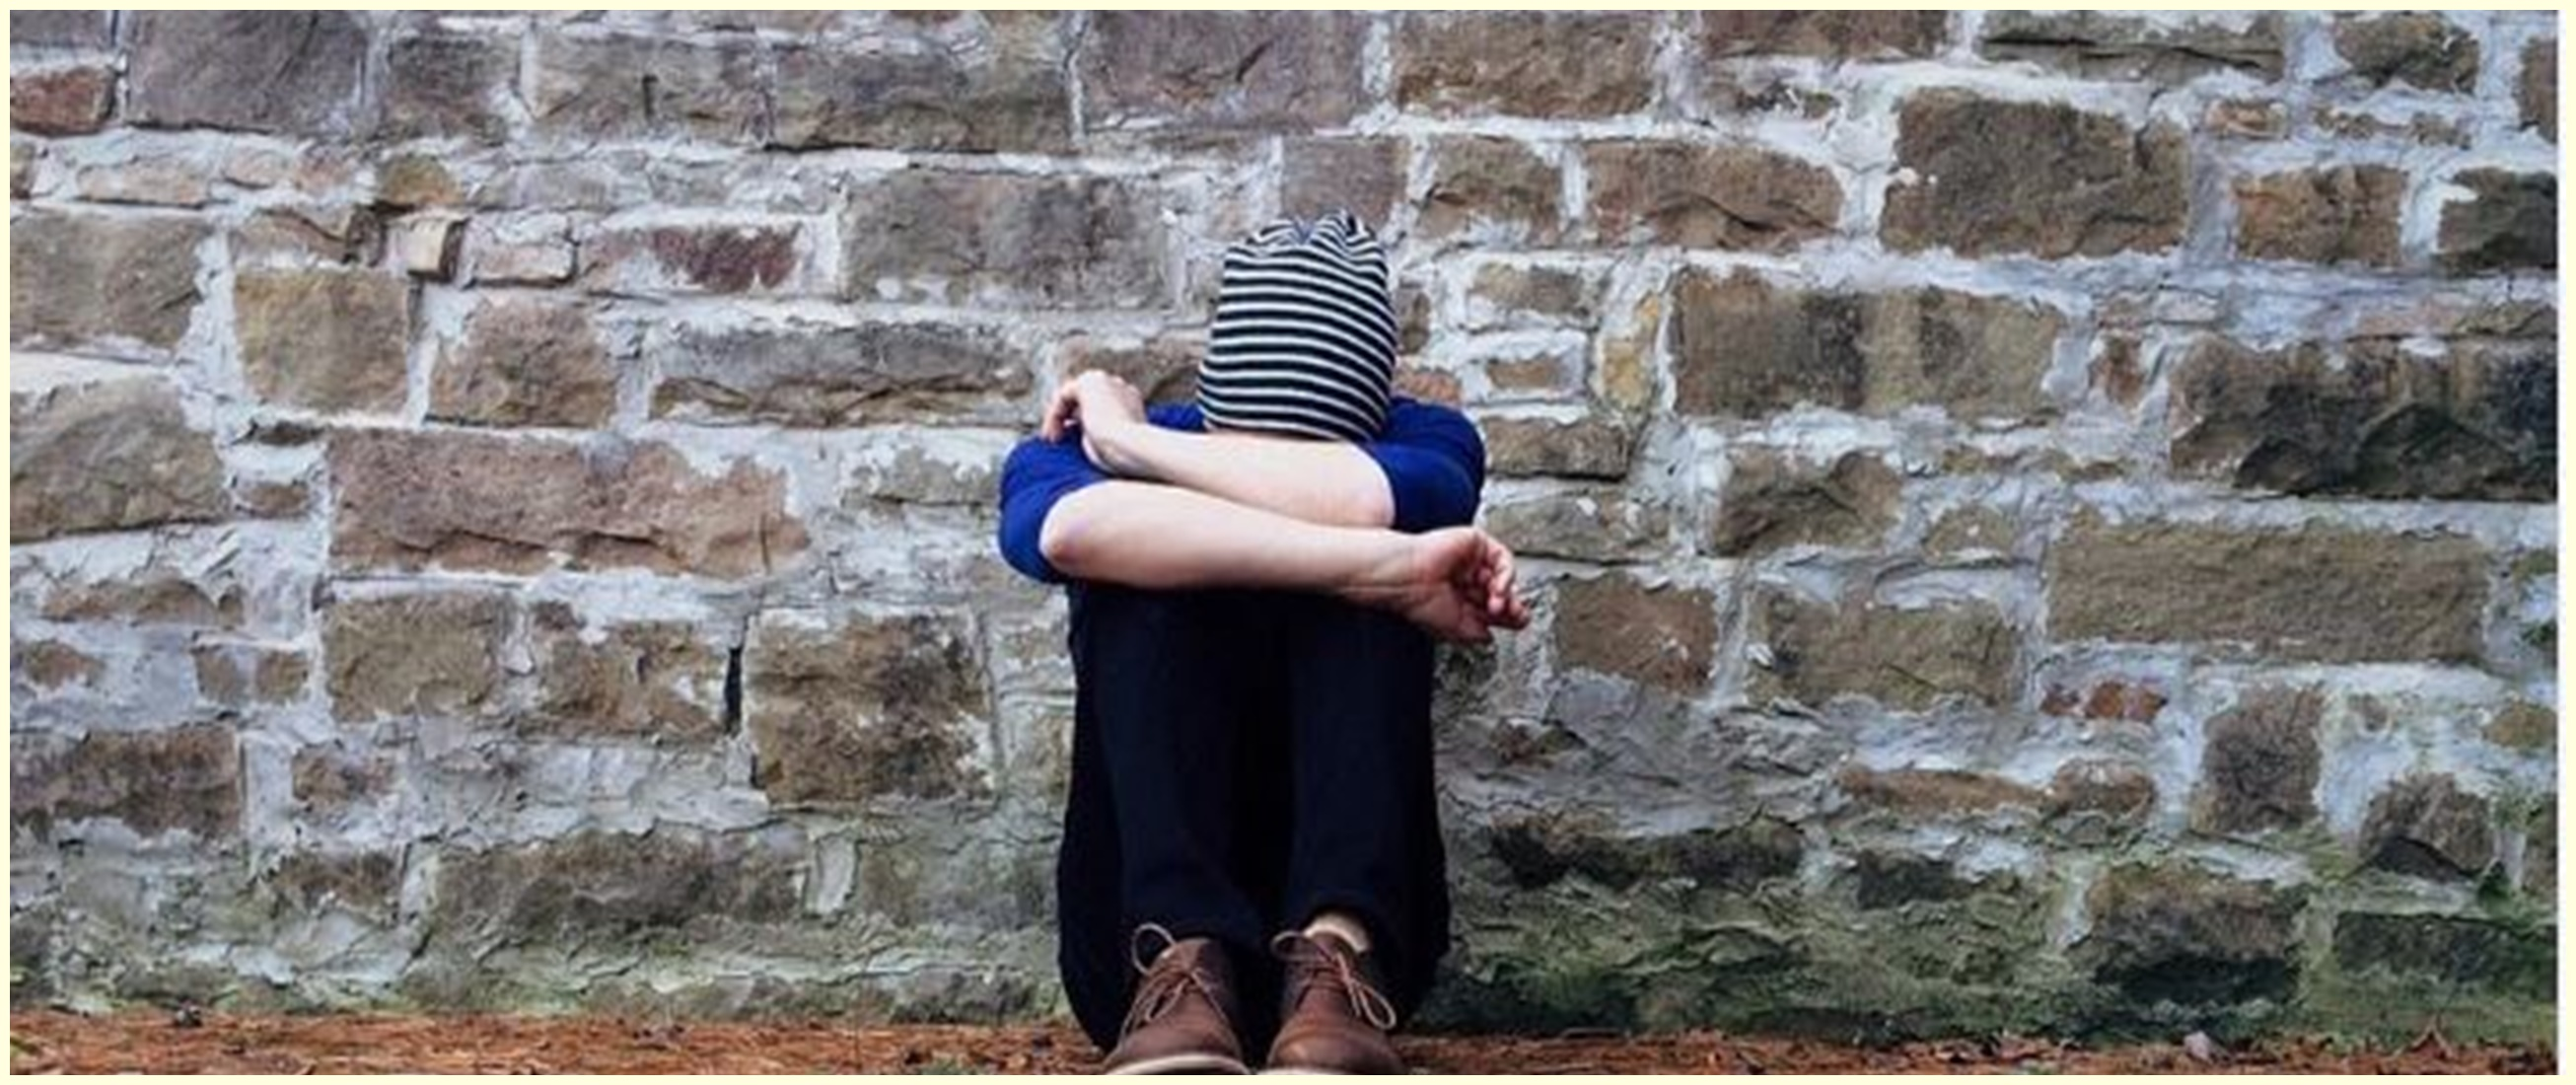 60 Kata-kata kesepian dan merasa sendiri, penuh kegalauan